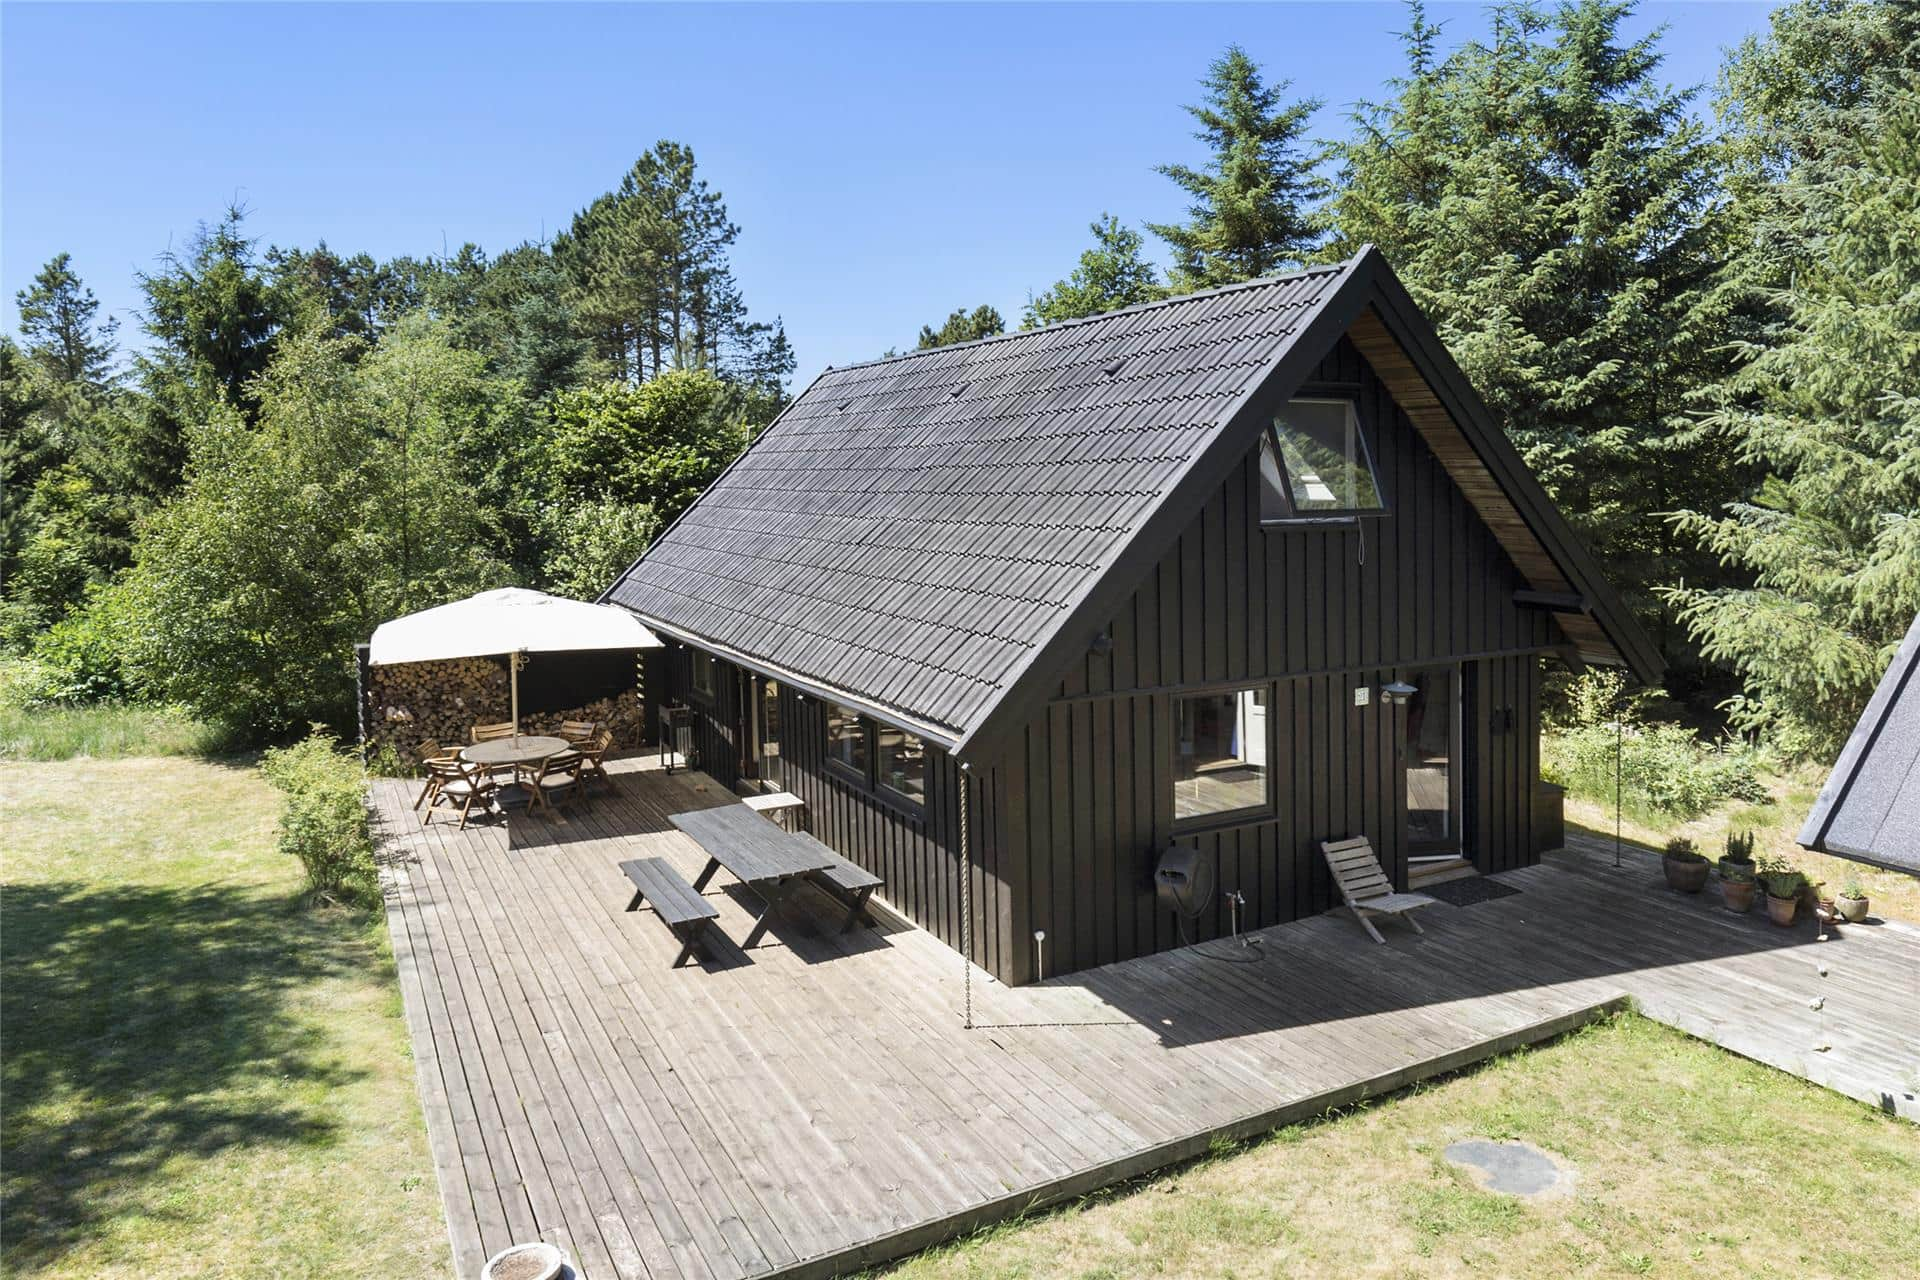 Billede 1-17 Sommerhus 13393, Karolinevej 21, DK - 4573 Højby